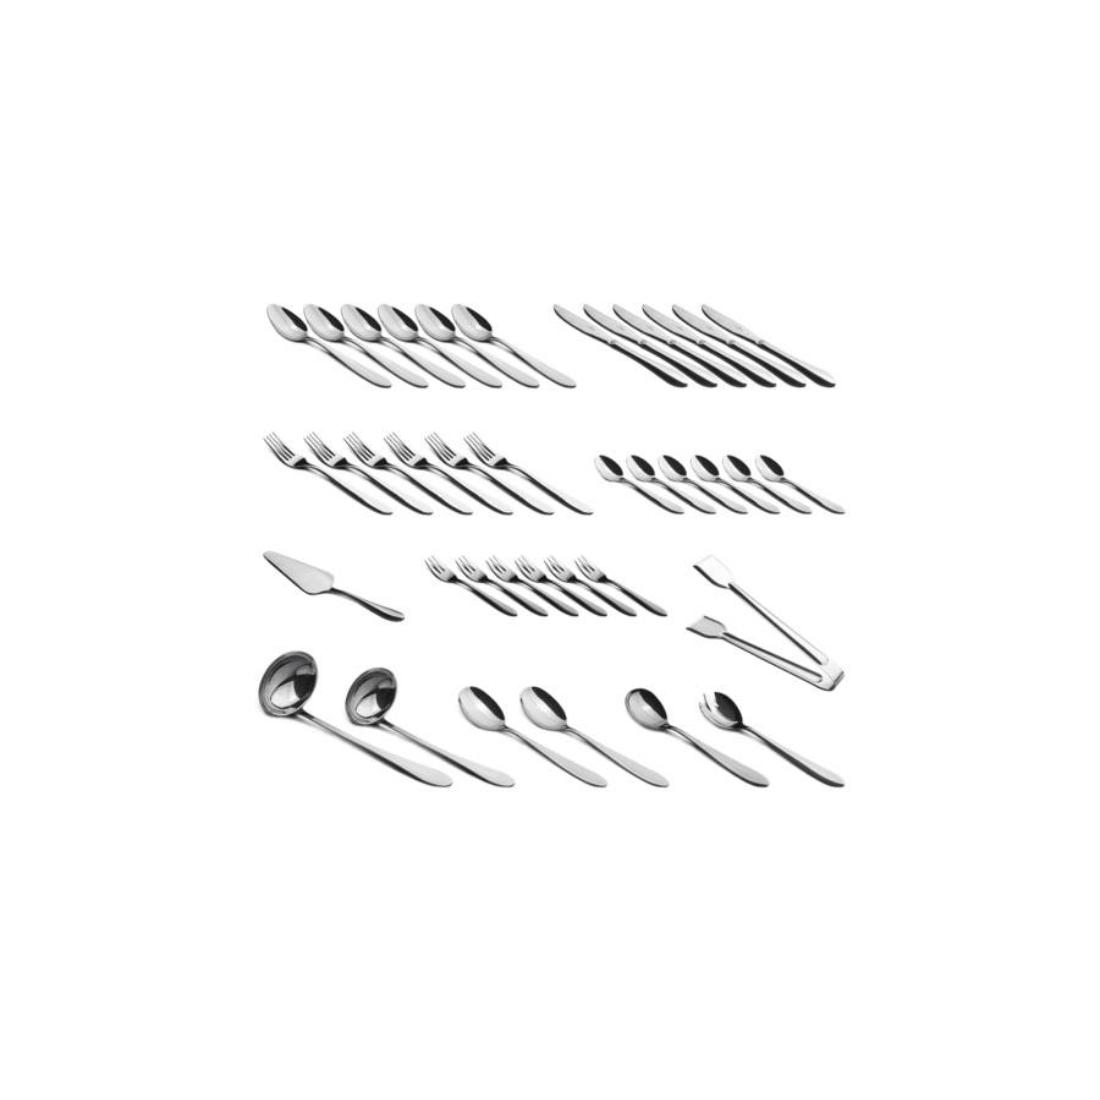 Berlinger Haus 38 részes rozsdamentes acél evőeszköz készlet, kerekített, tükörfényes